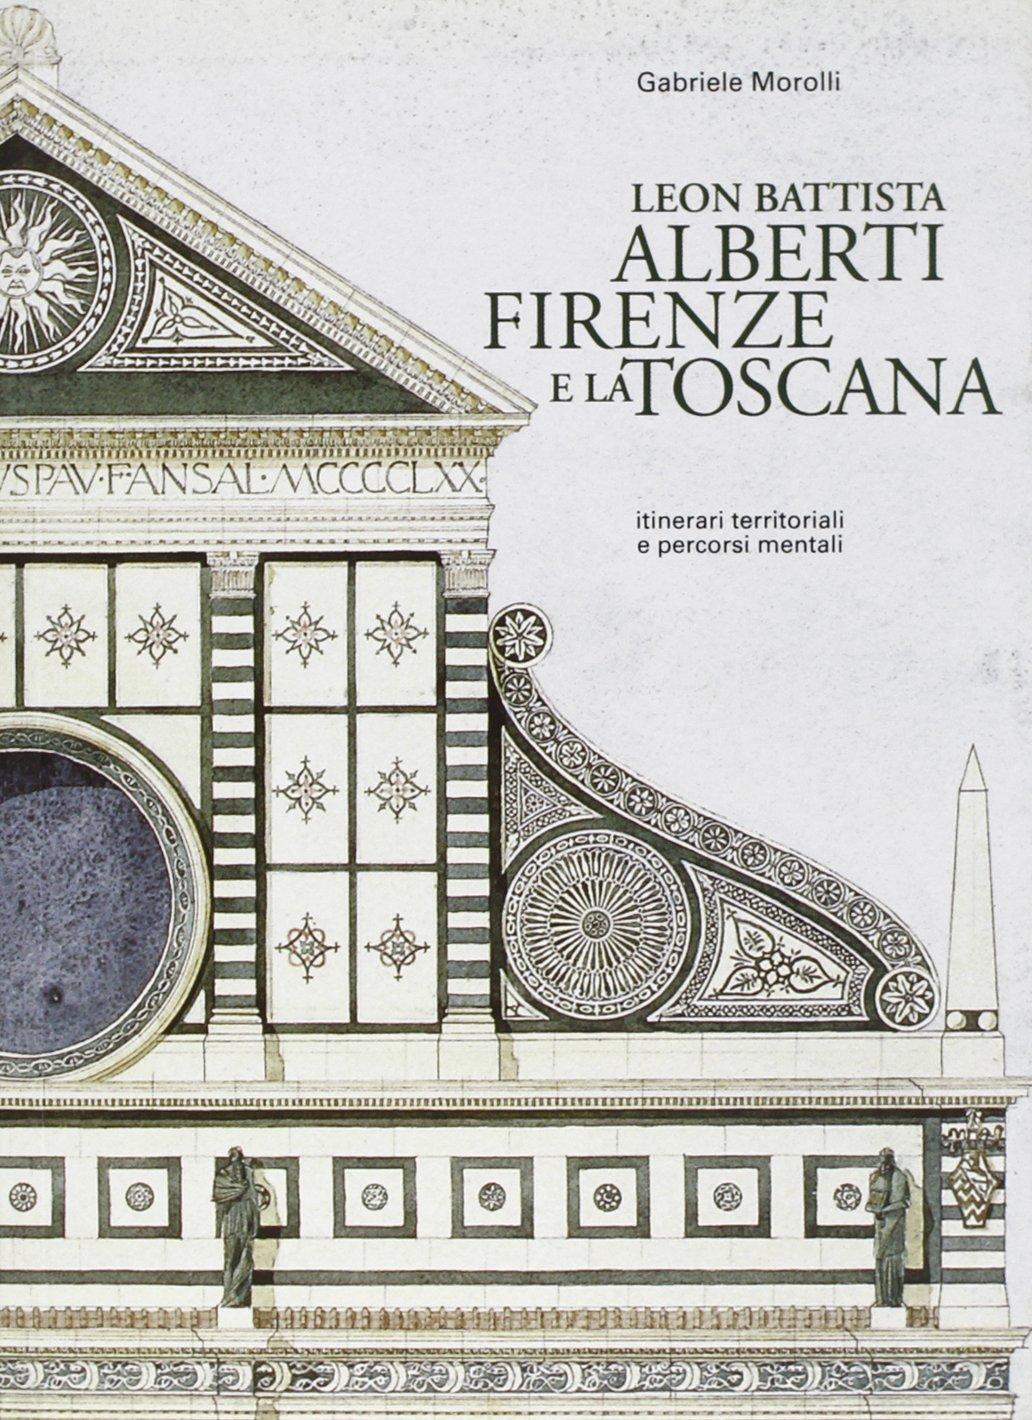 Copertina del libro Leon Battista Alberti, Firenze e la Toscana di Gabriele Morolli